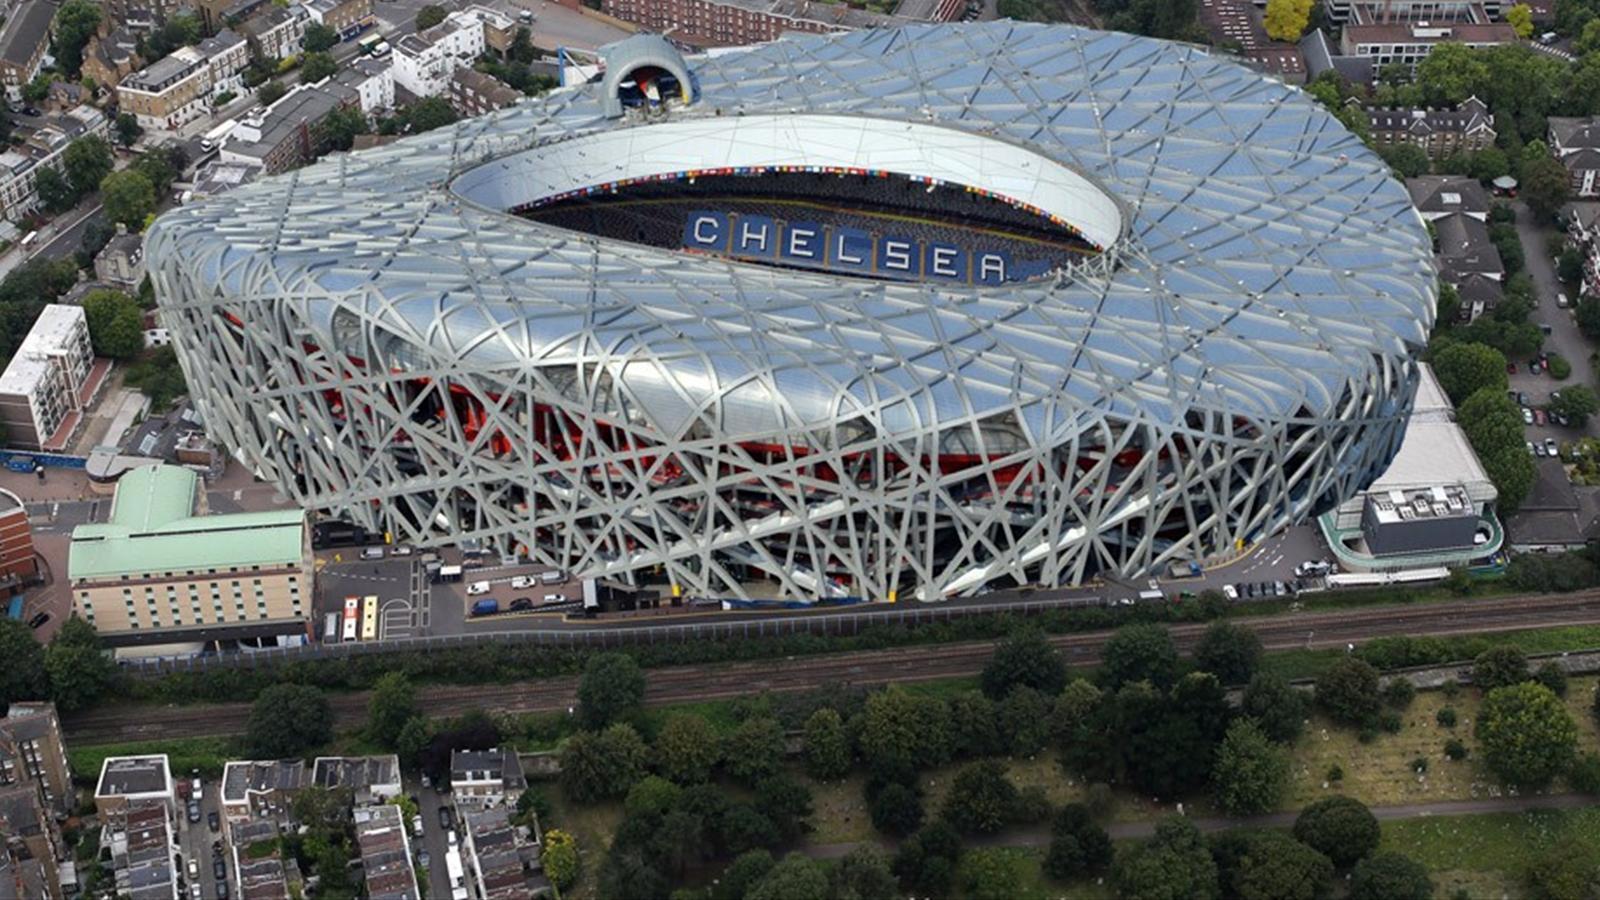 bird u0026 39 s nest architects  u0026 39 to build new stamford bridge u0026 39  for